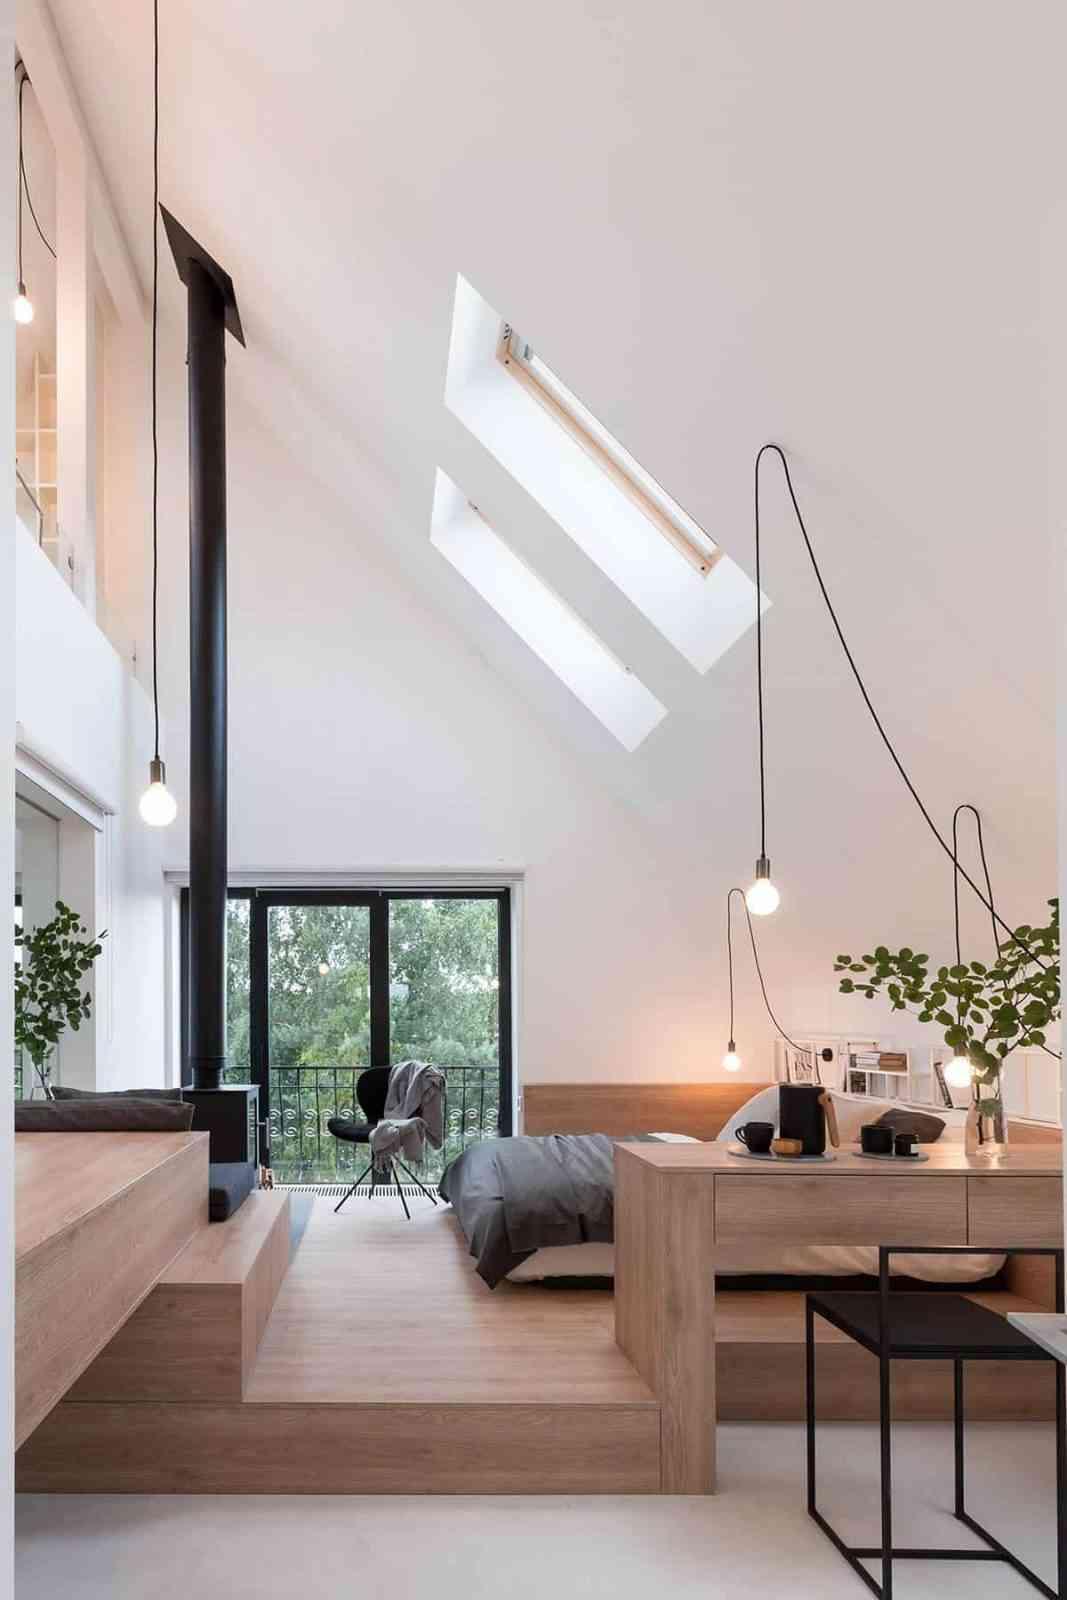 Sử dụng mái nhà làm không gian riêng - noi that 22